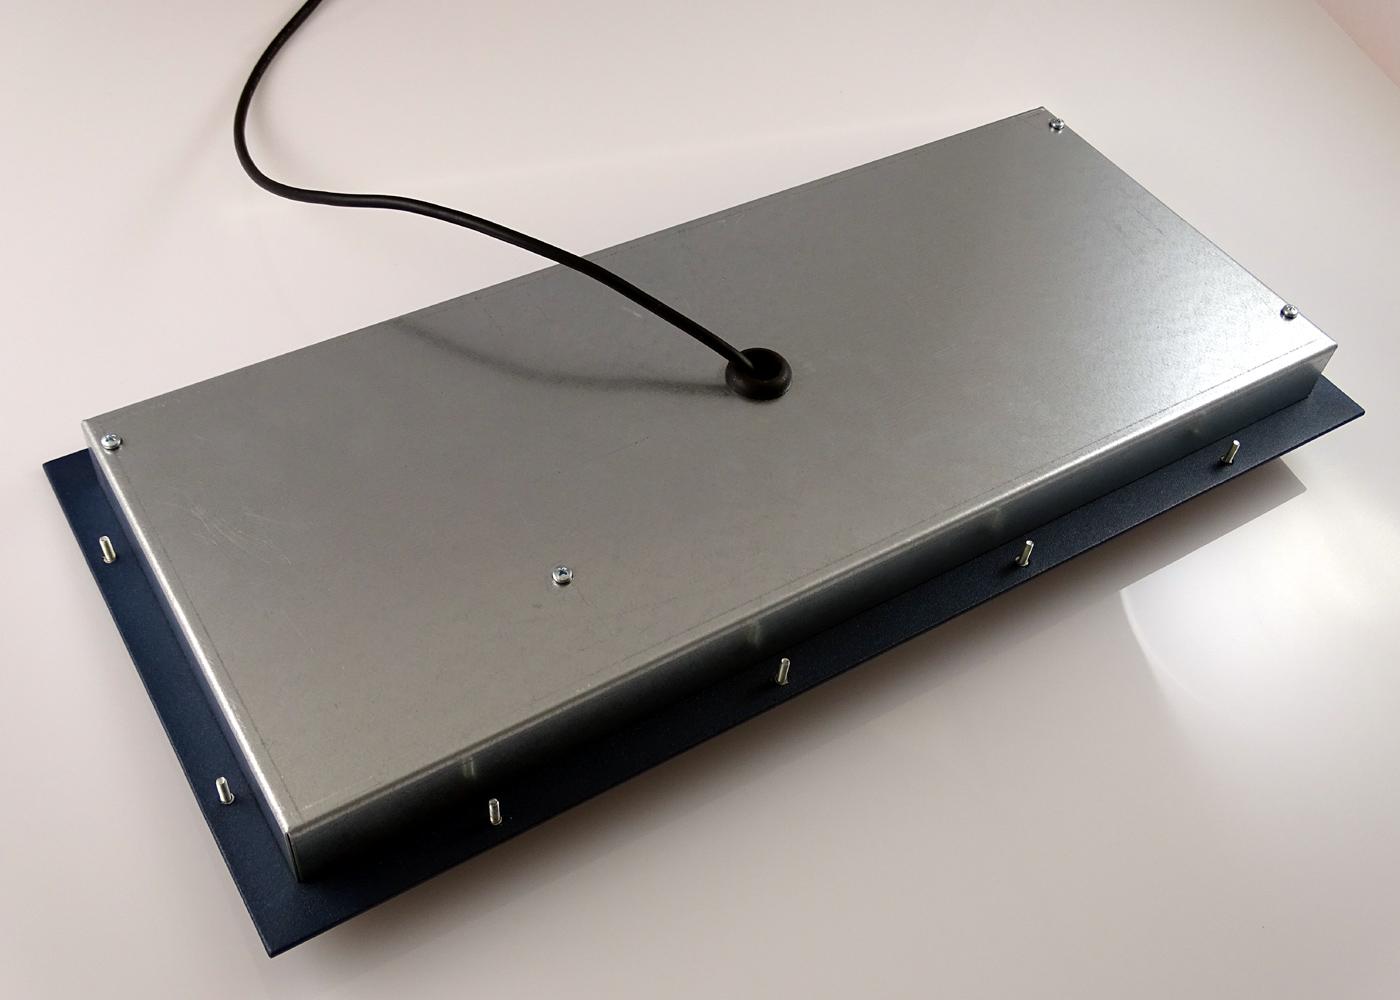 Clavier industriel 105 touches intégrable par l'avant avec trackball 38mm – Vue arrière